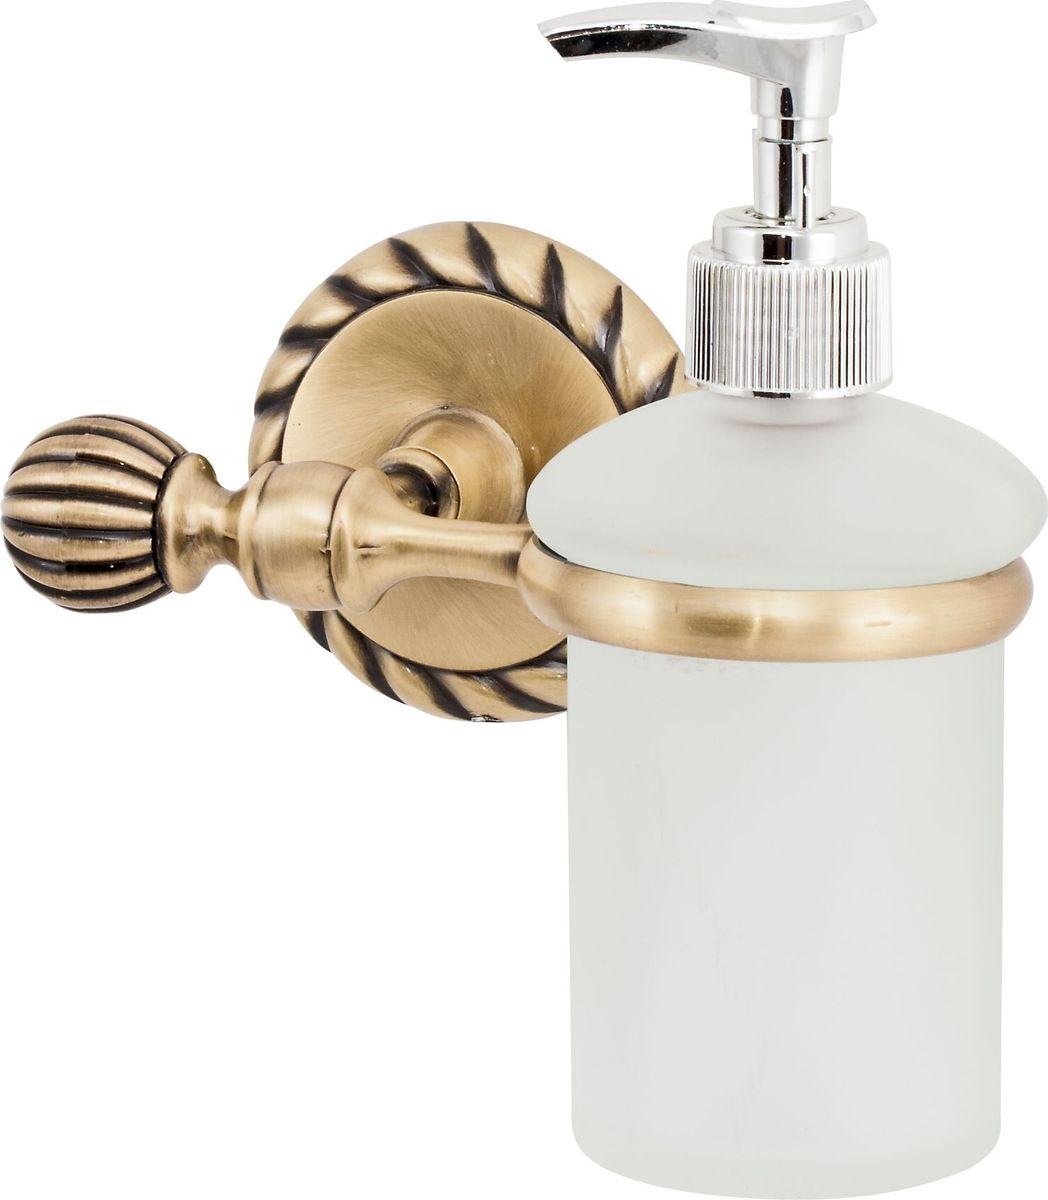 Дозатор для жидкого мыла Del Mare 11800, цвет: античная бронза11810Дозатор жидкого мыла удобен для применения в ванных комнатах, уборных и на кухнях. Изделие оснащено крышкой с кнопкой, обеспечивающей дозированную выдачу мыла.